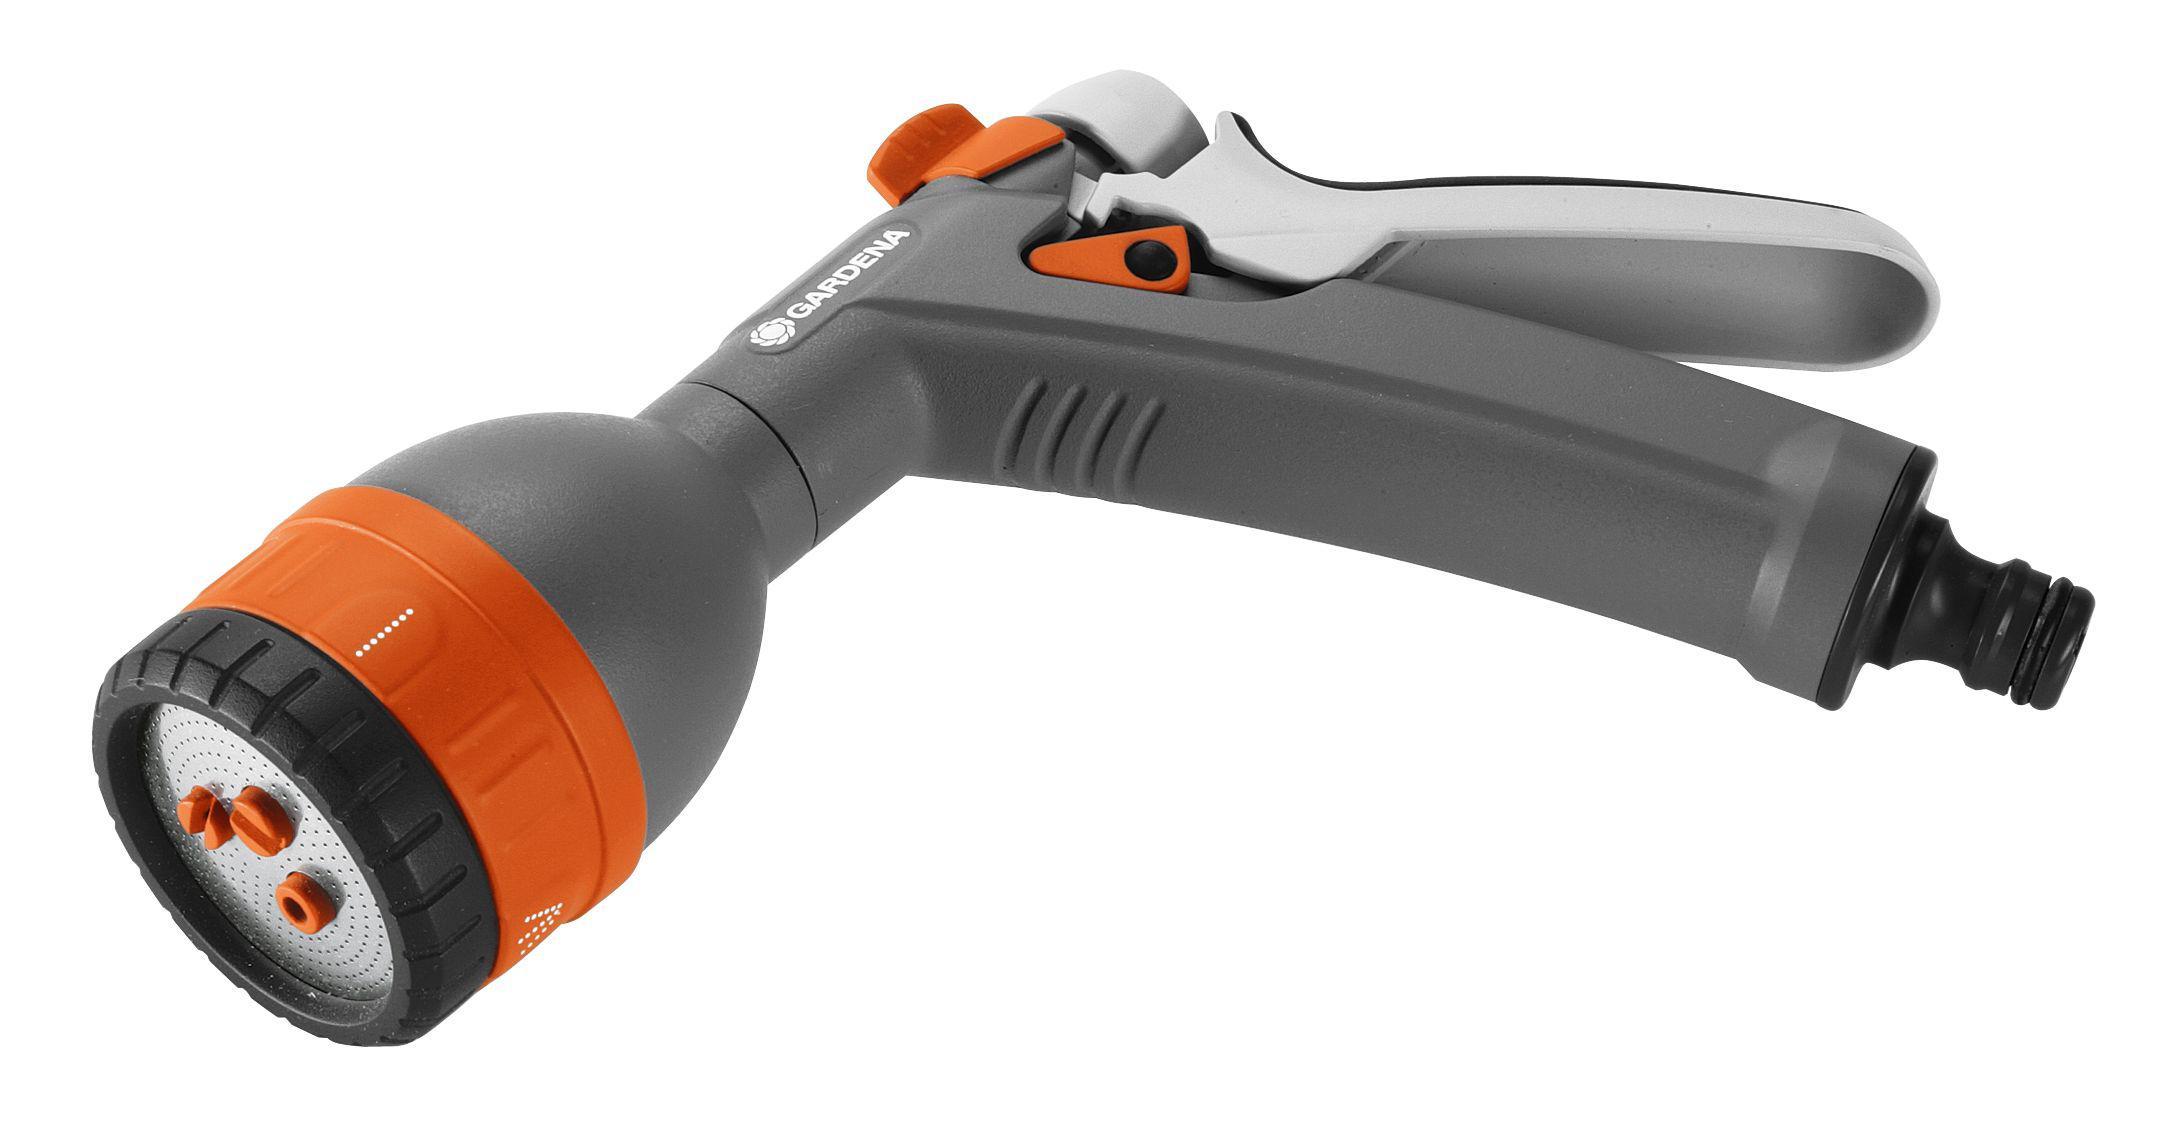 Пистолет Gardena Сlassic 18343-20.000.00 пистолет распылитель gardena 18343 20 000 00 1 2